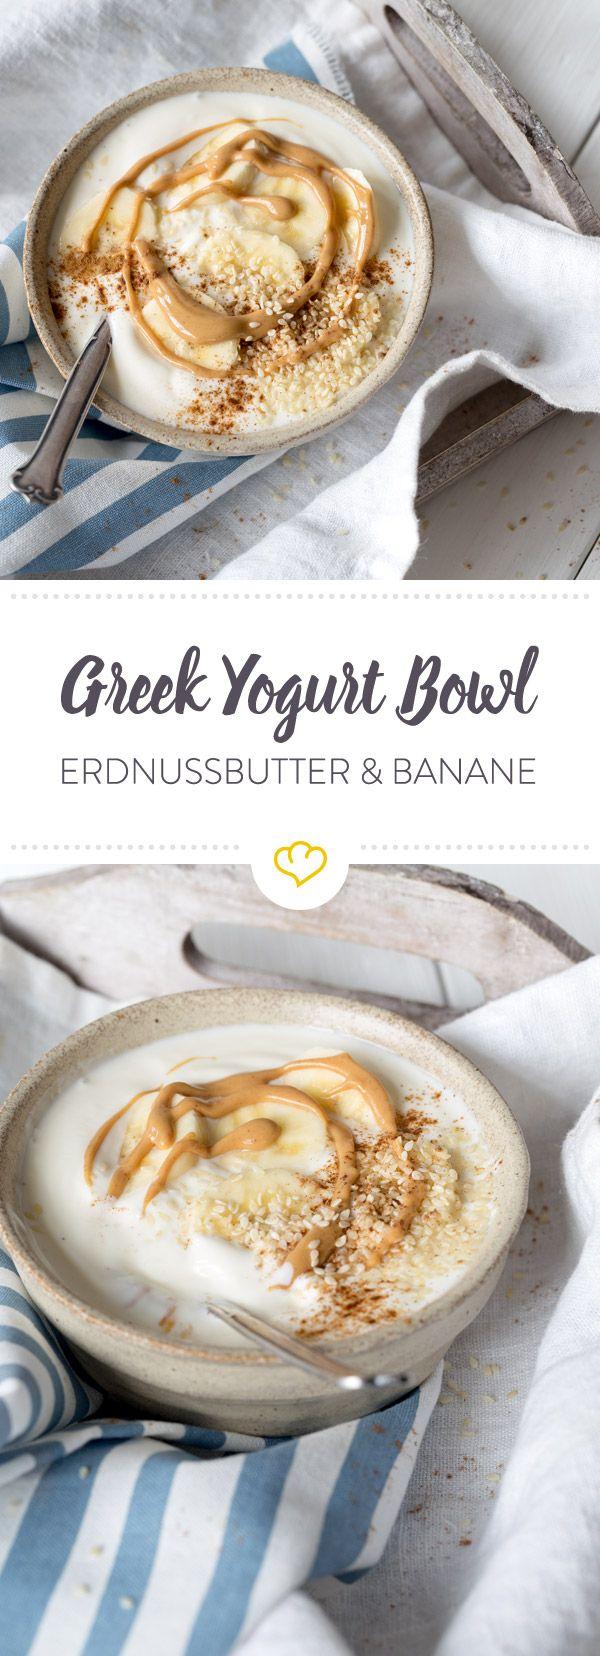 Bereite dir diese Greek Yogurt Bowl mit Erdnussbutter; Bananen und Sesam zu und still deinen Heißhunger auf Süßes auf gesunde Art und Weise.